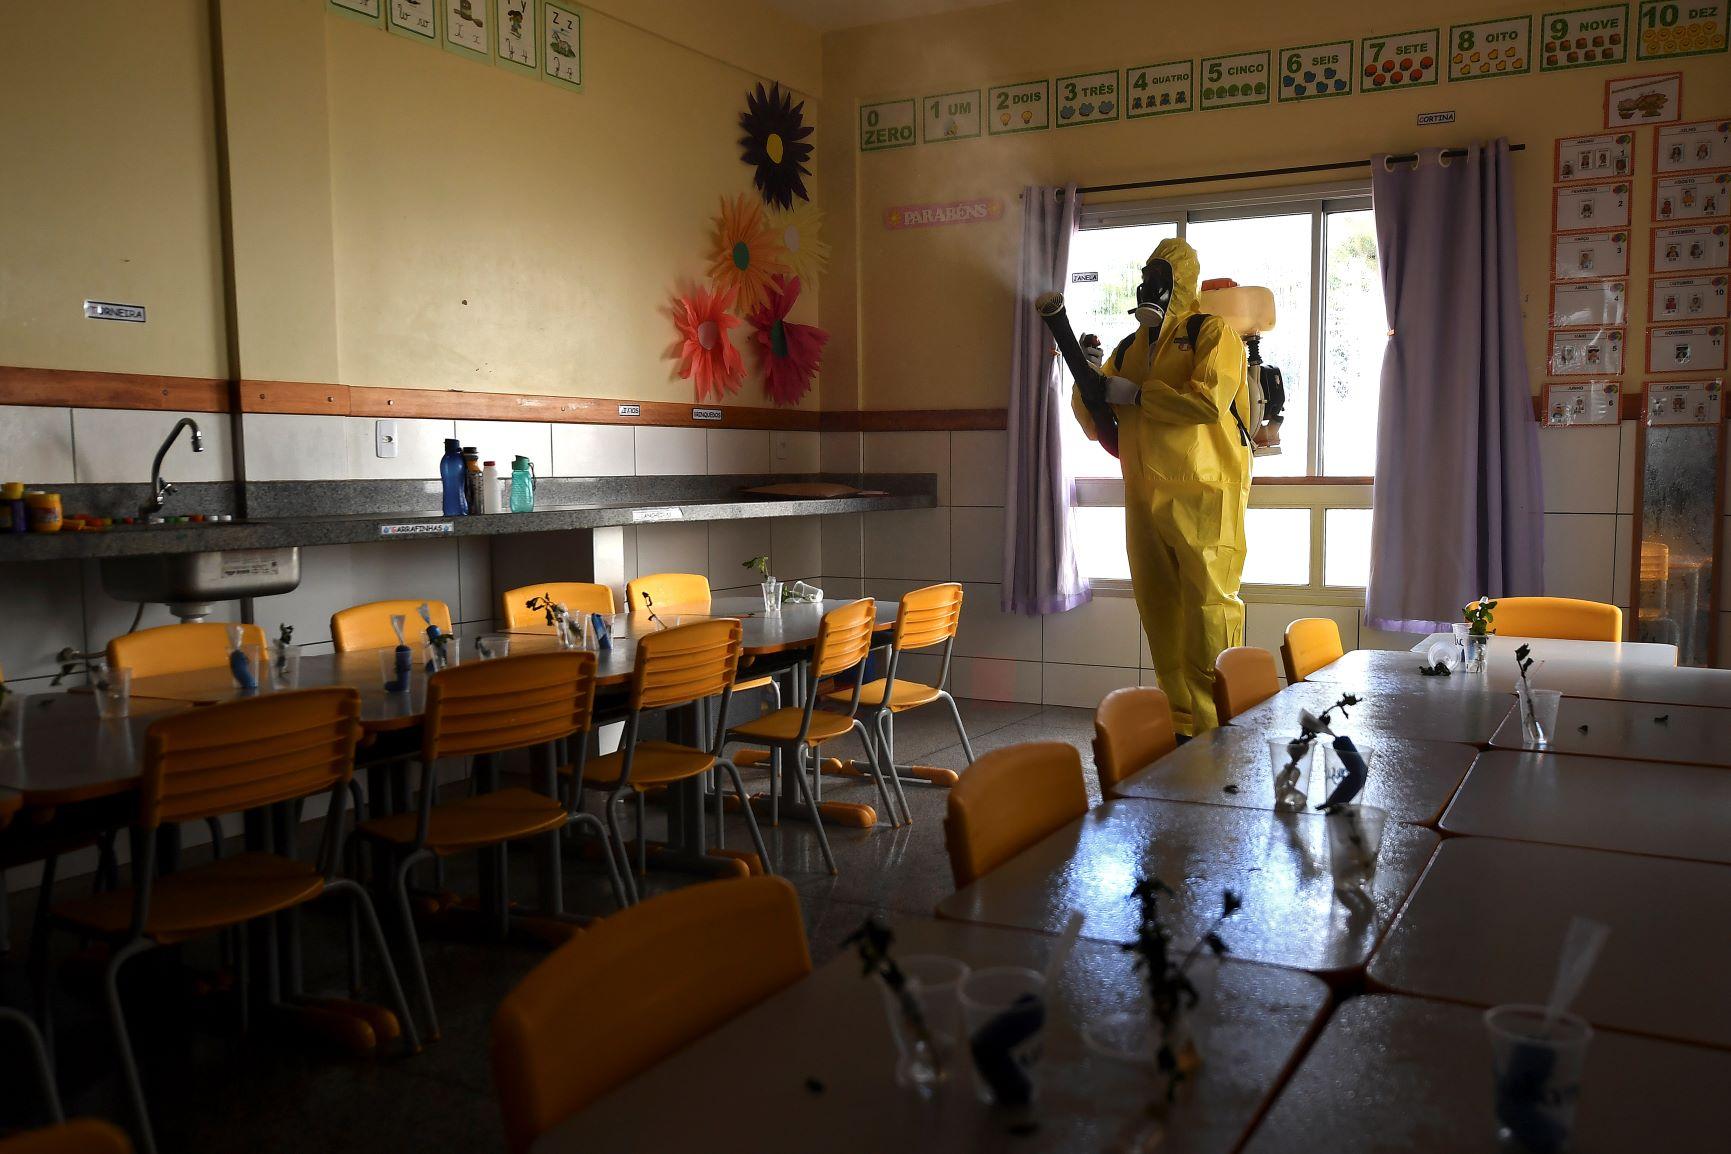 Trabalho de desinfecção em escola pública de Brasília: desafio pós-pandemia é evitar que sistema de ensino aumente a desigualdade (Foto: Evaristo Sá/AFP)